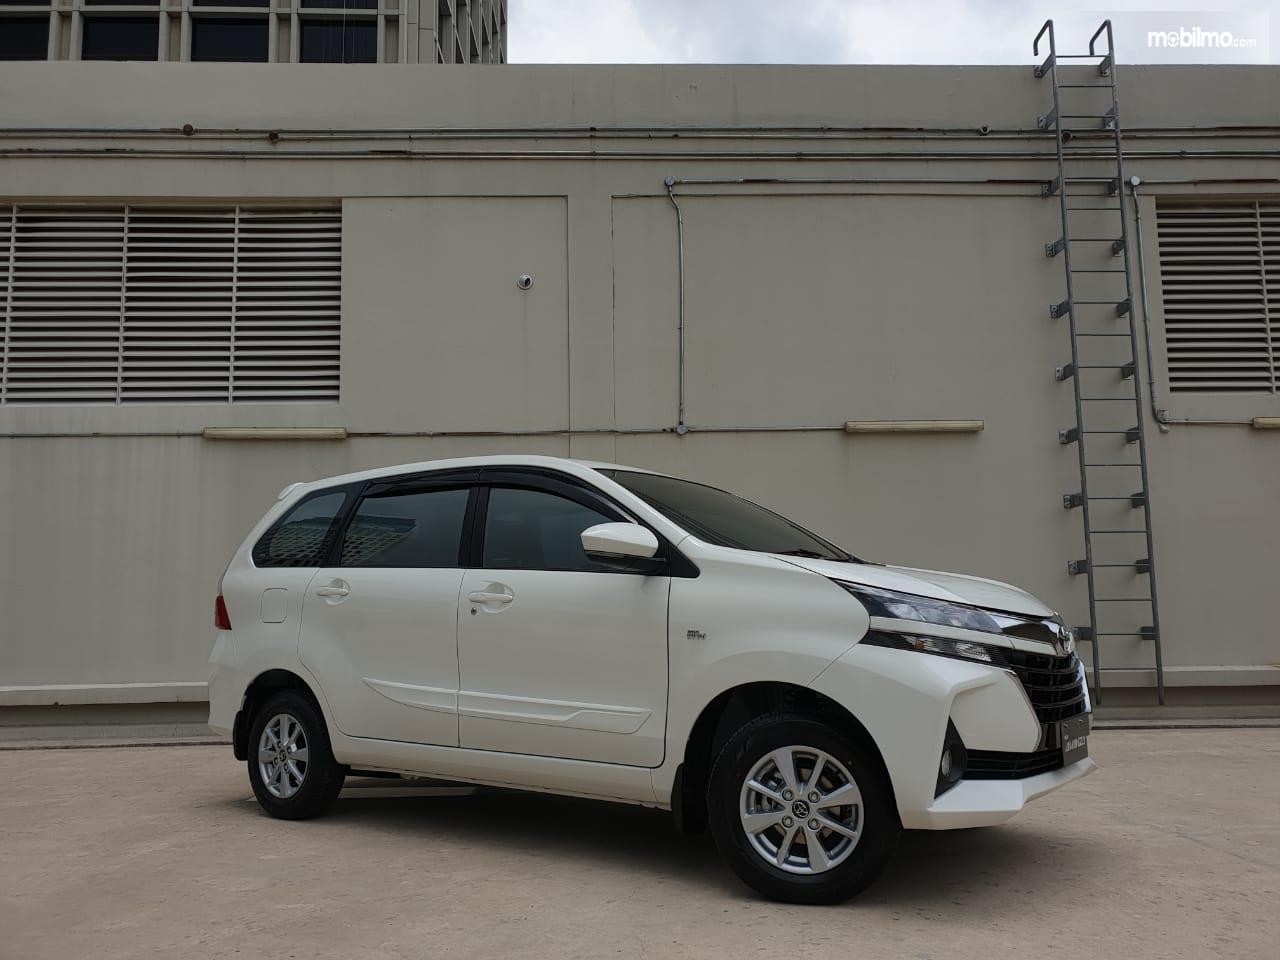 Gambar mobil New Toyota Avanza 1.3 G A/T 2019 berwarna putih dilihat dari sis samping